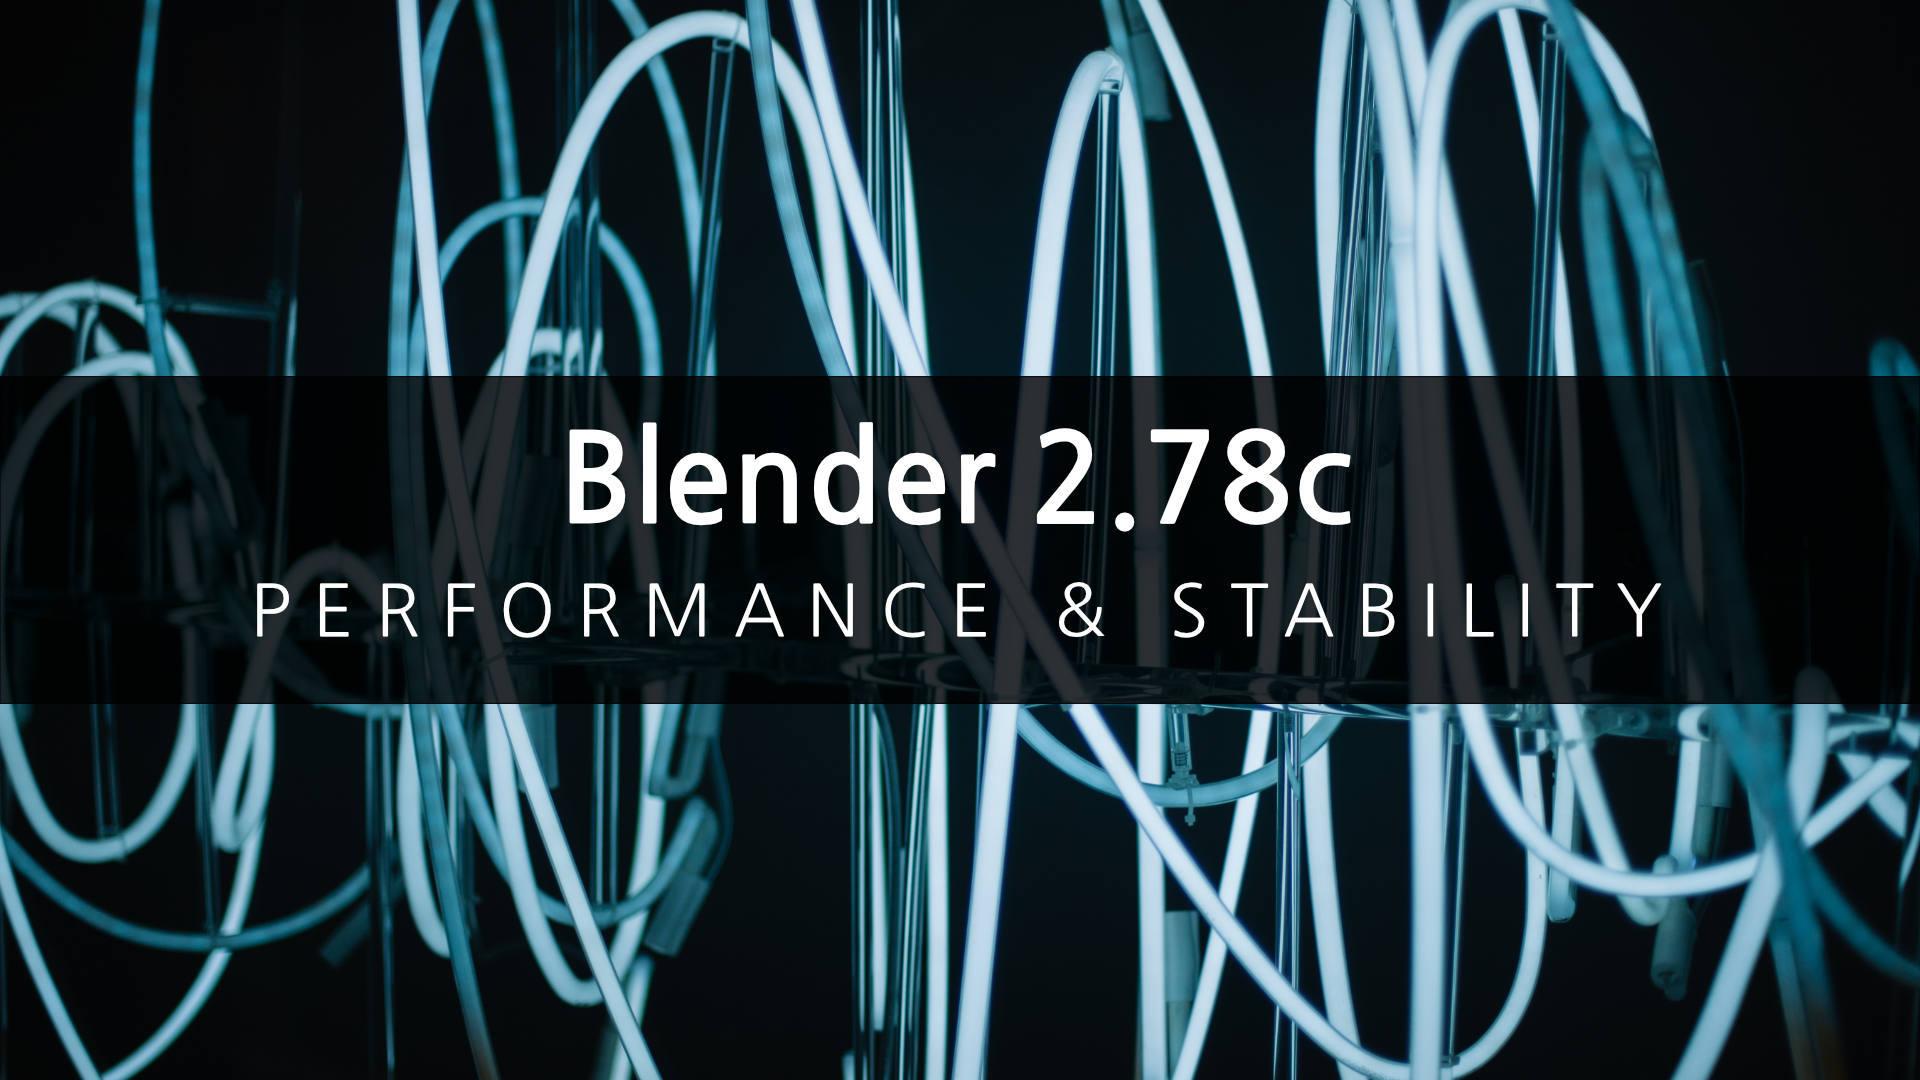 Mar 6, 2017 Blender 2 78c release now available Blender - fsiddi The